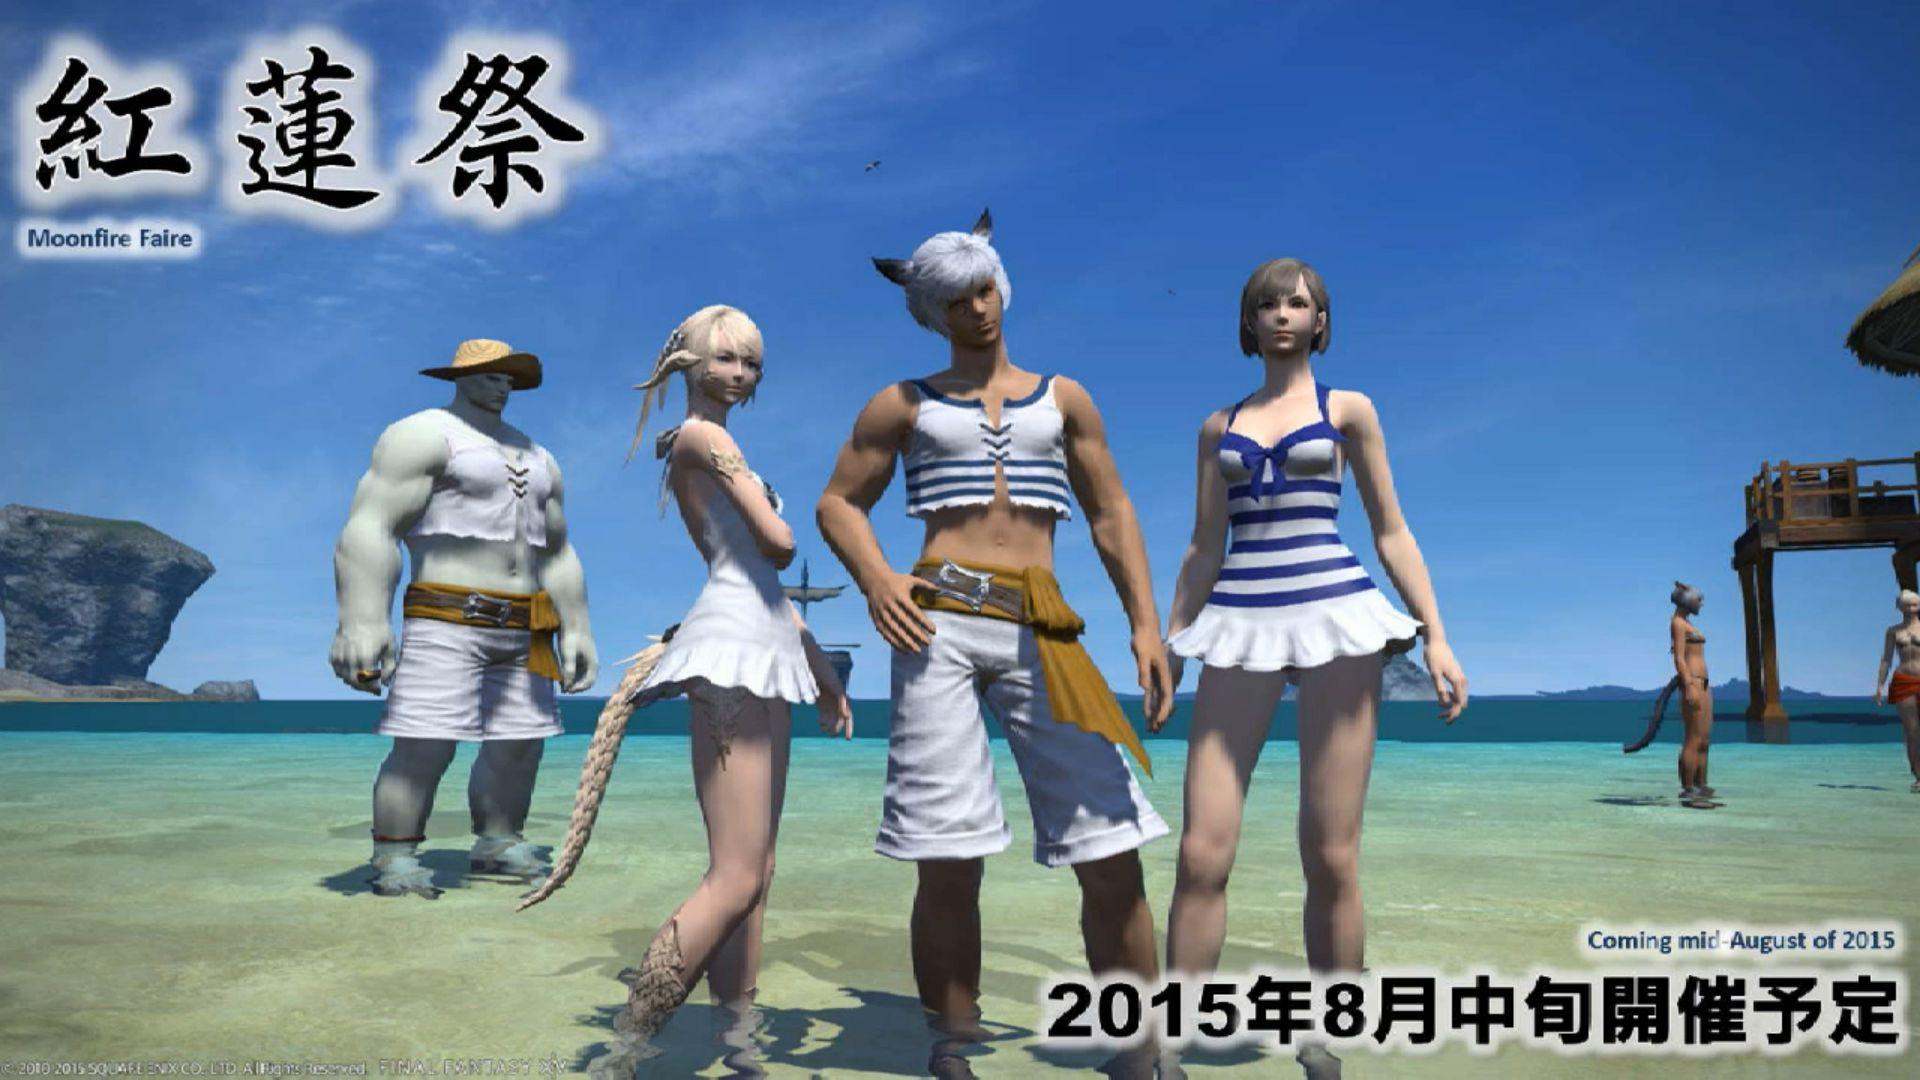 Final Fantasy XIV kündigt Gamescom-Besuch und züchtige Bade-Saison an